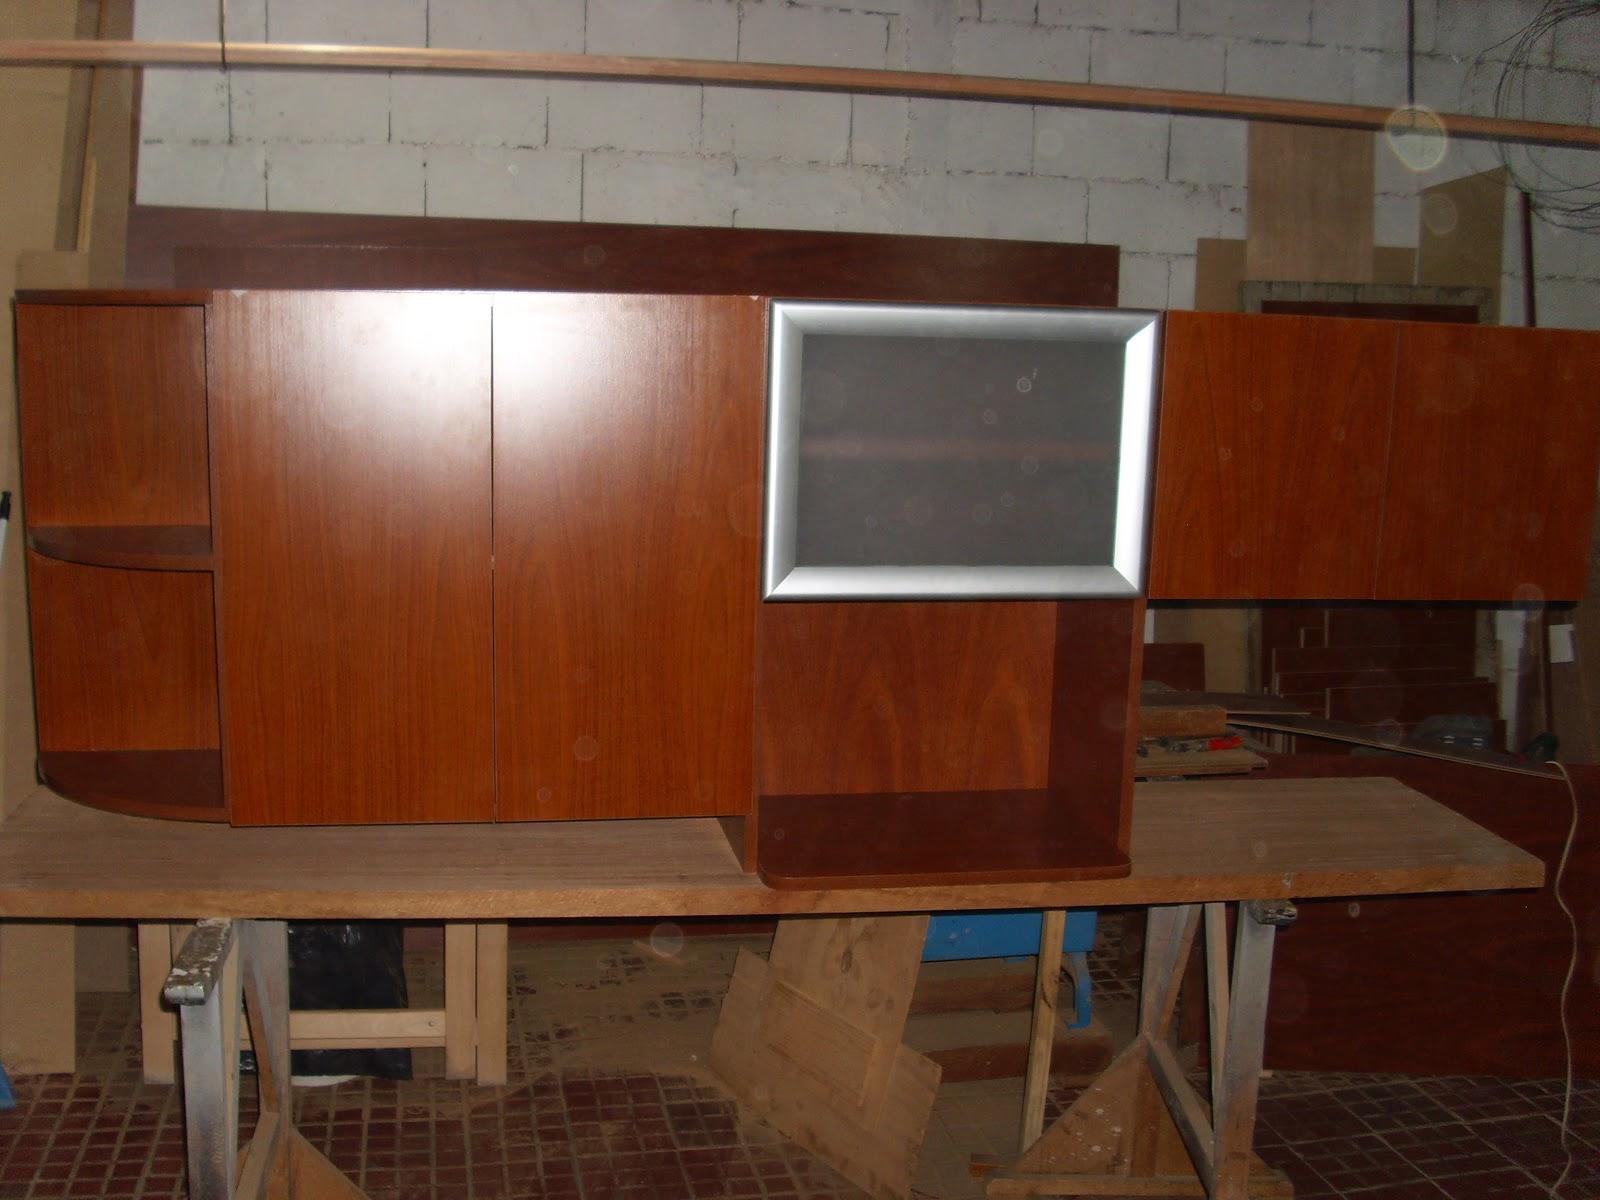 Mueble bajo mesada en juego con el mueble aéreo